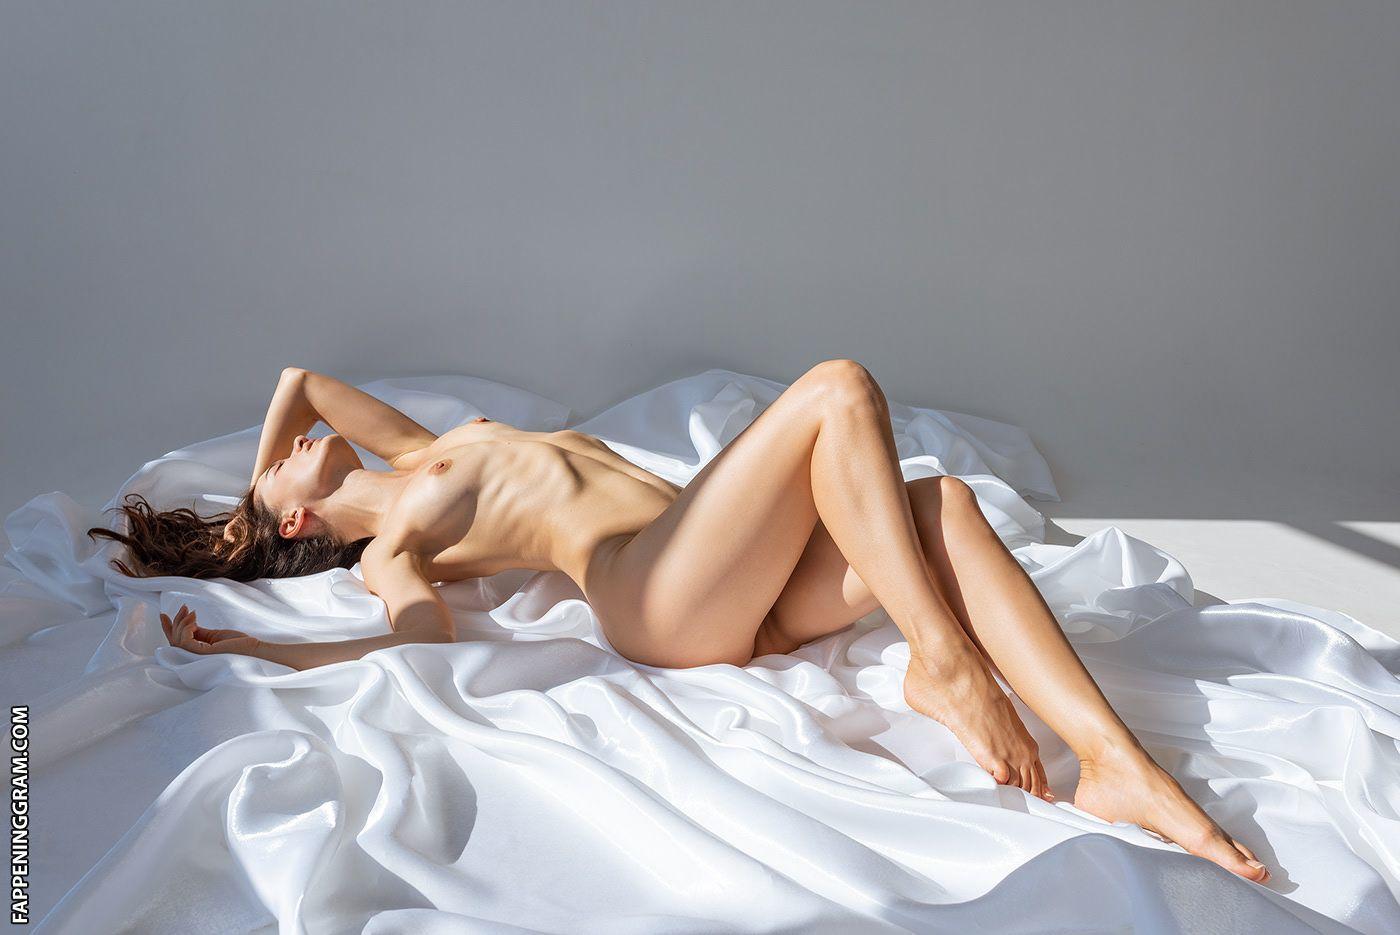 Nude eve harlow Nude Celeb